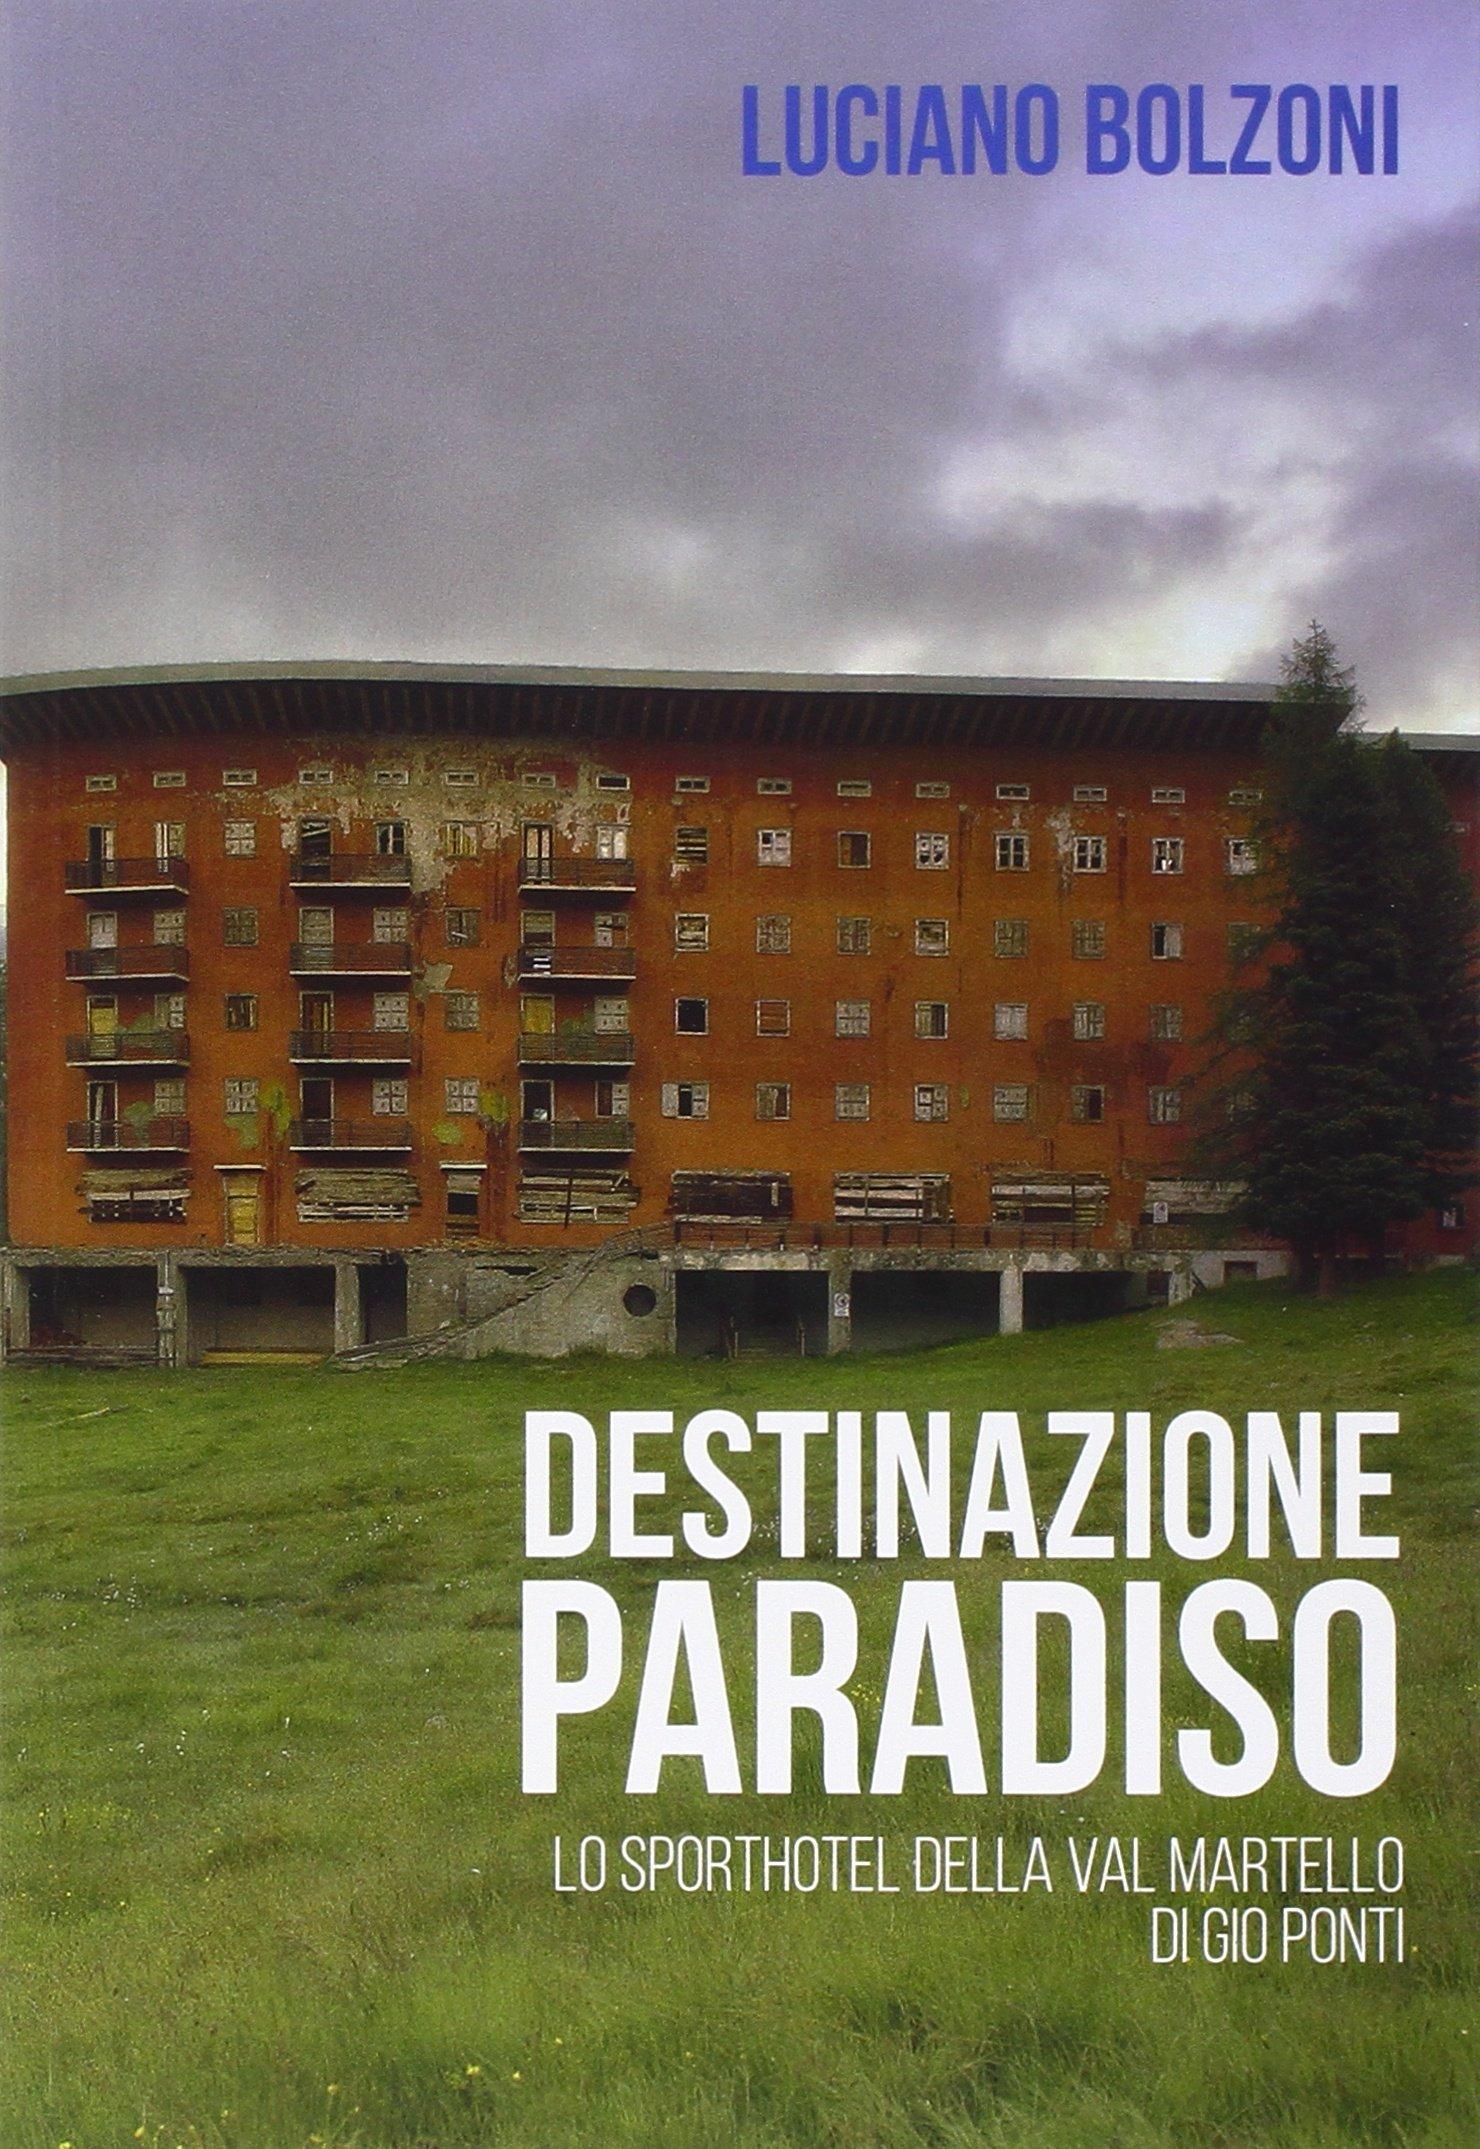 luciano-bolzoni-destinazione-paradiso